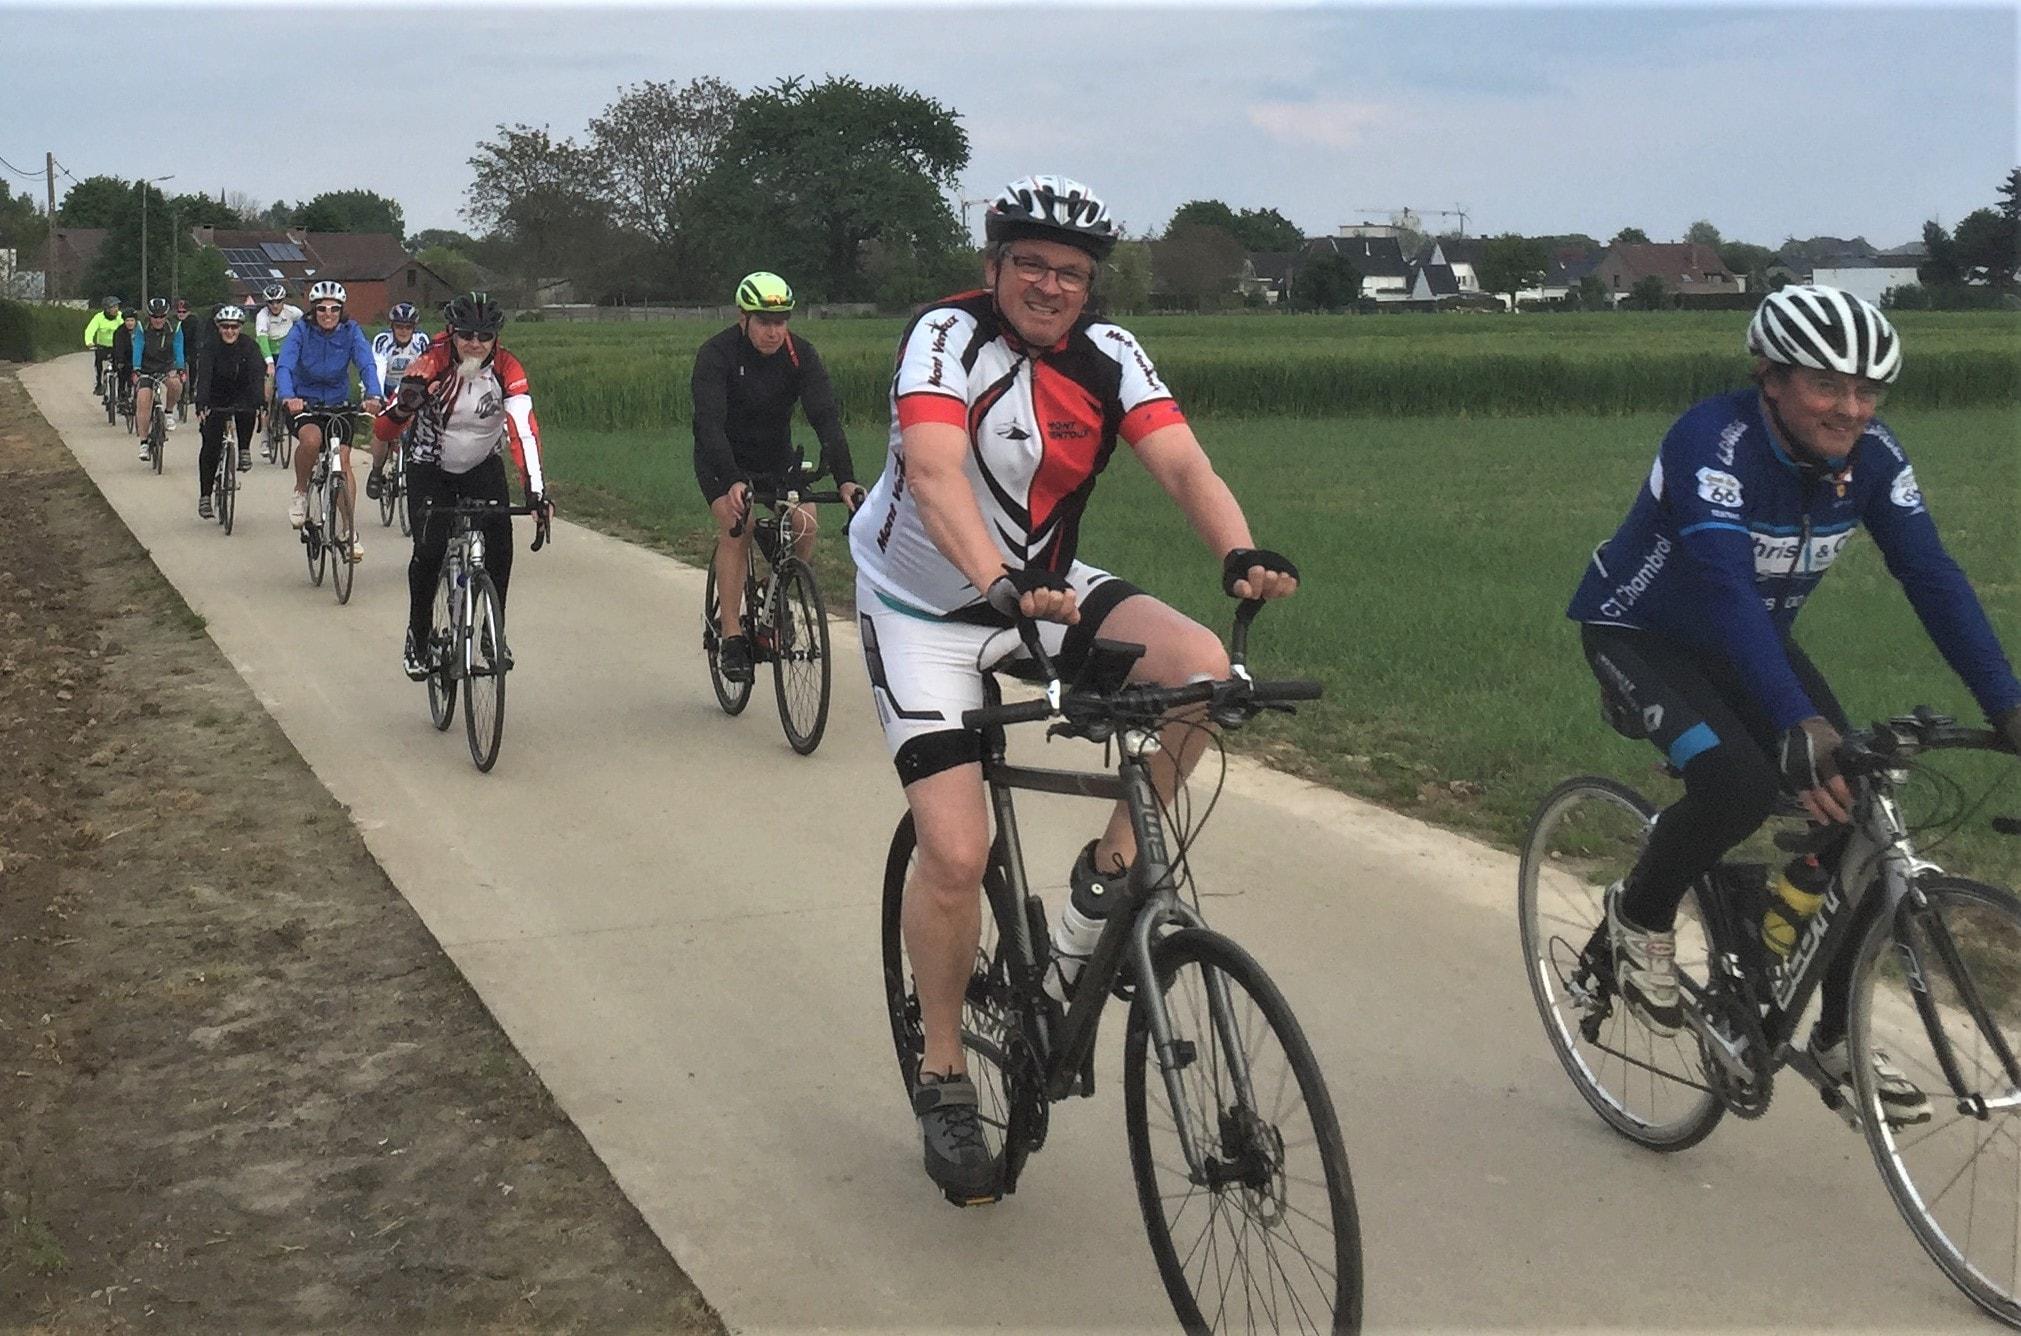 ritje tijdens de start to cycle langs mooie wegen - 3